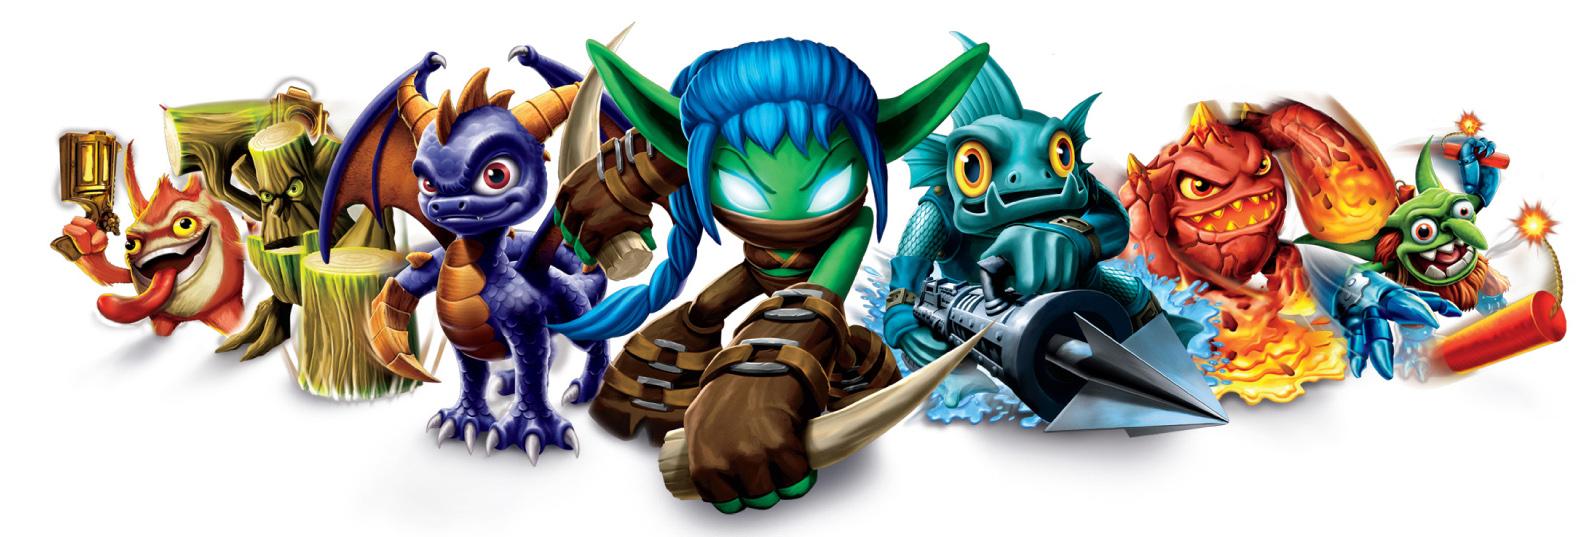 Skylanders | Spyro Wiki | Fandom